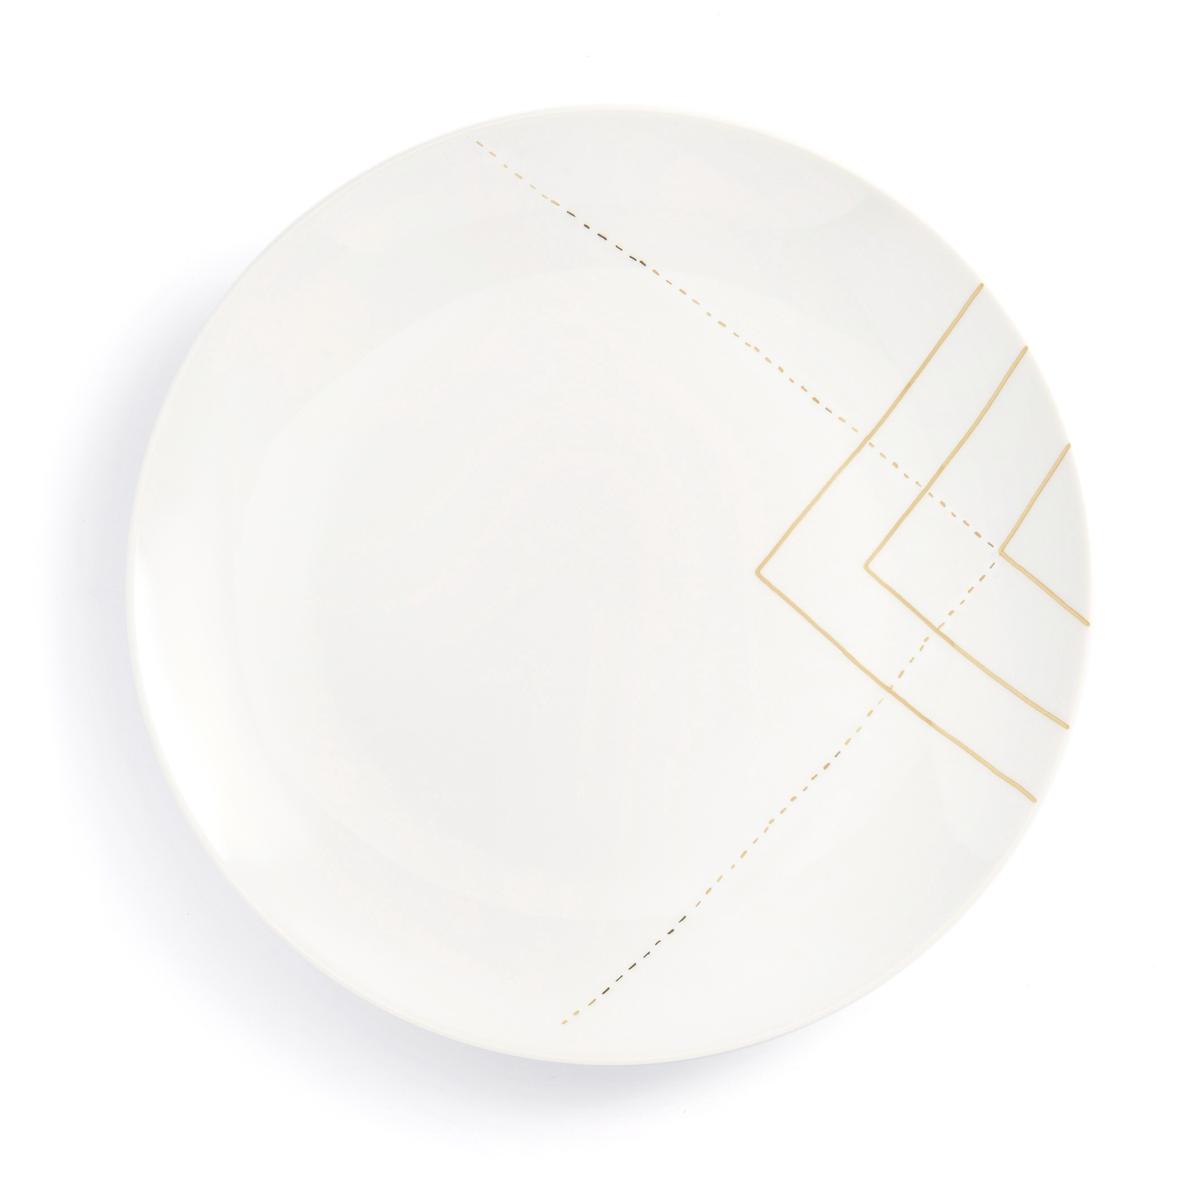 Комплект из 4 тарелок, SOLAINE LaRedoute La Redoute единый размер белый 3 настенных la redoute вешалки с крючками agama единый размер белый